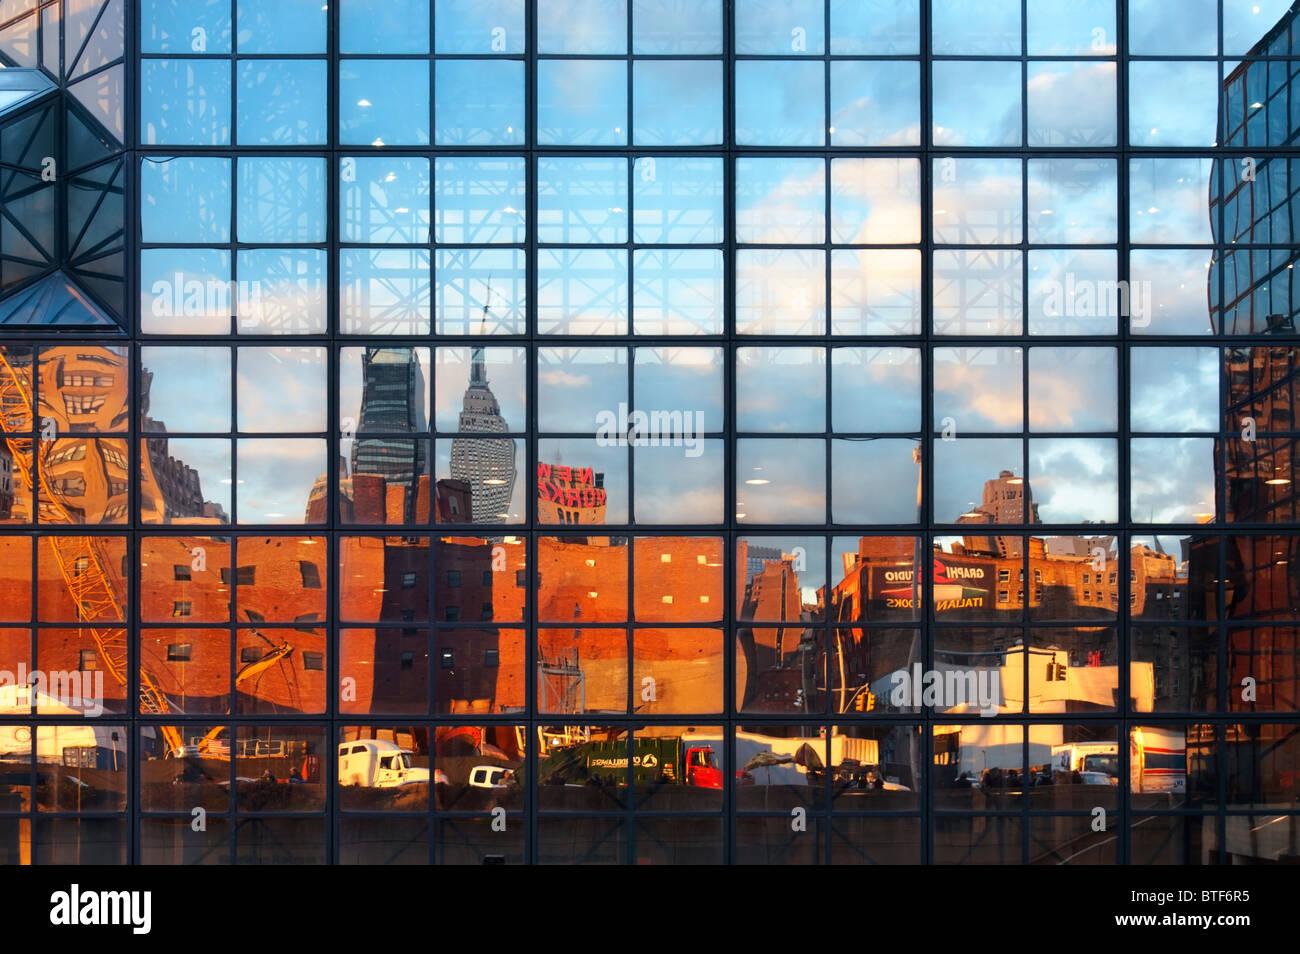 javits-center-vast-windows-facade-reflec